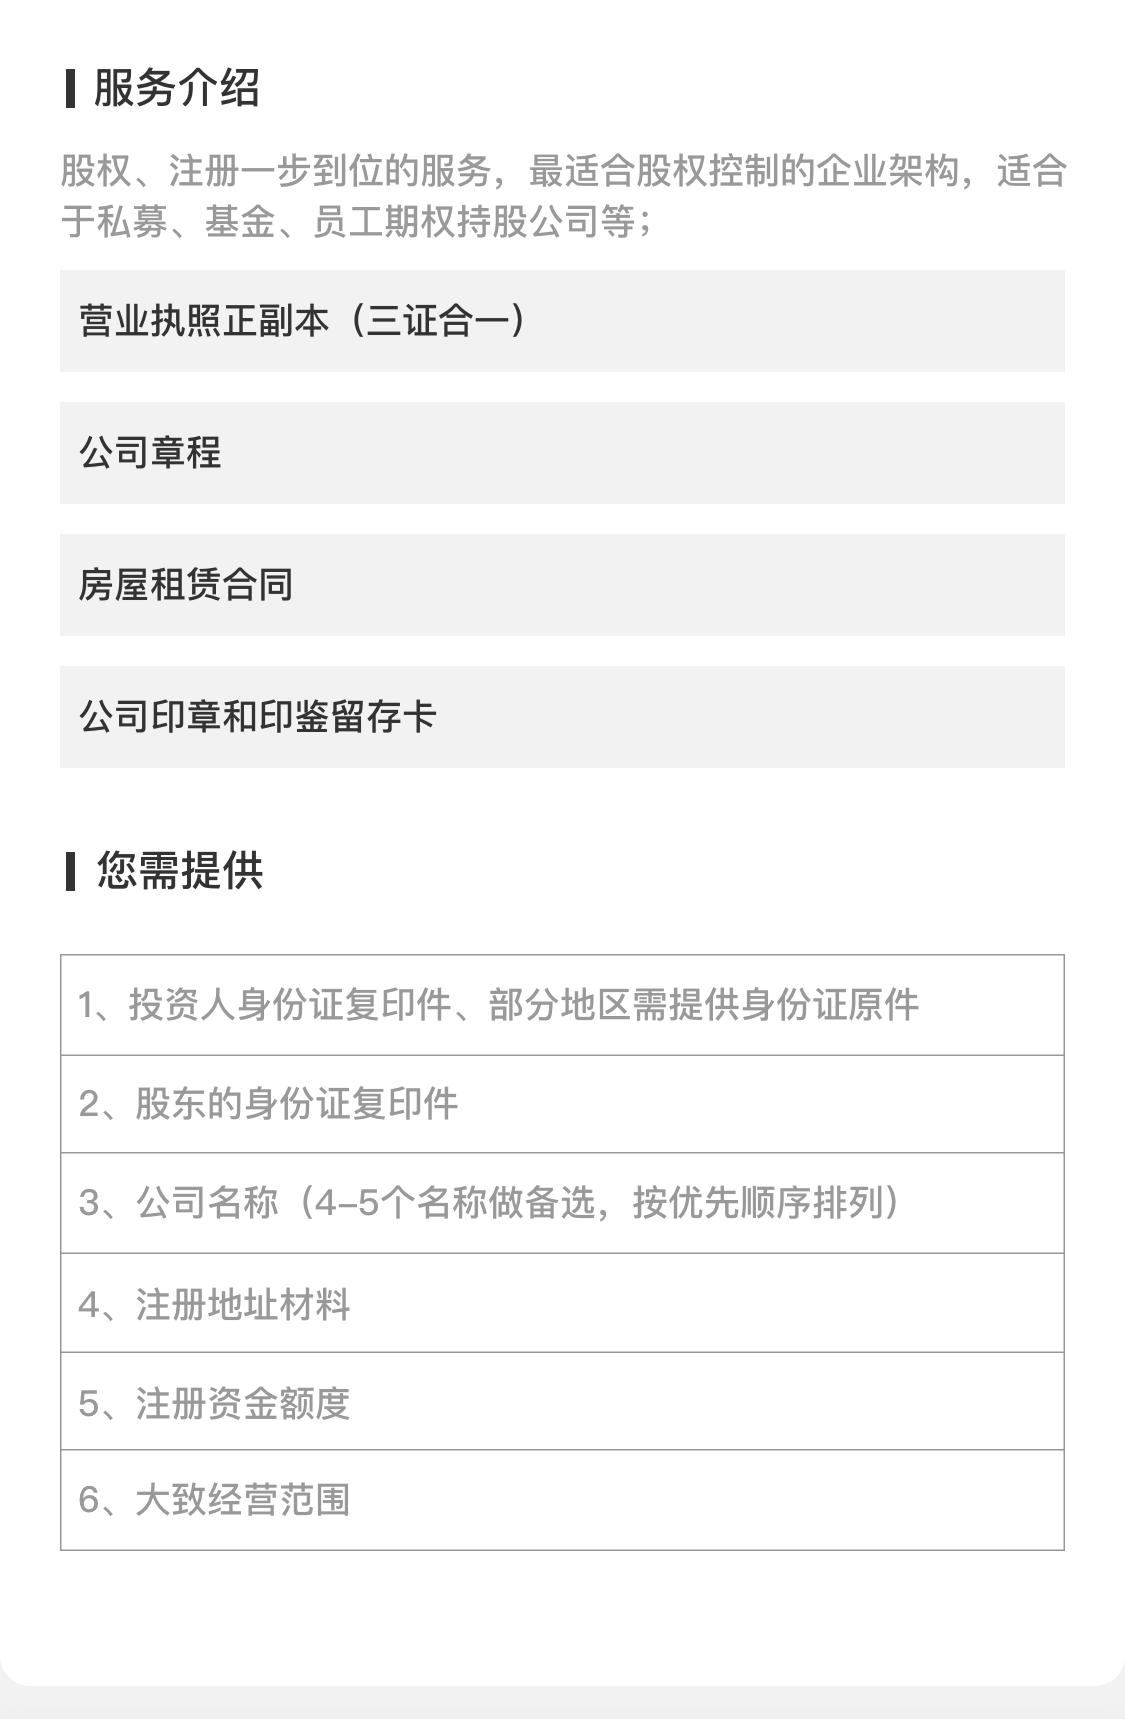 合伙企業注冊 copy.png